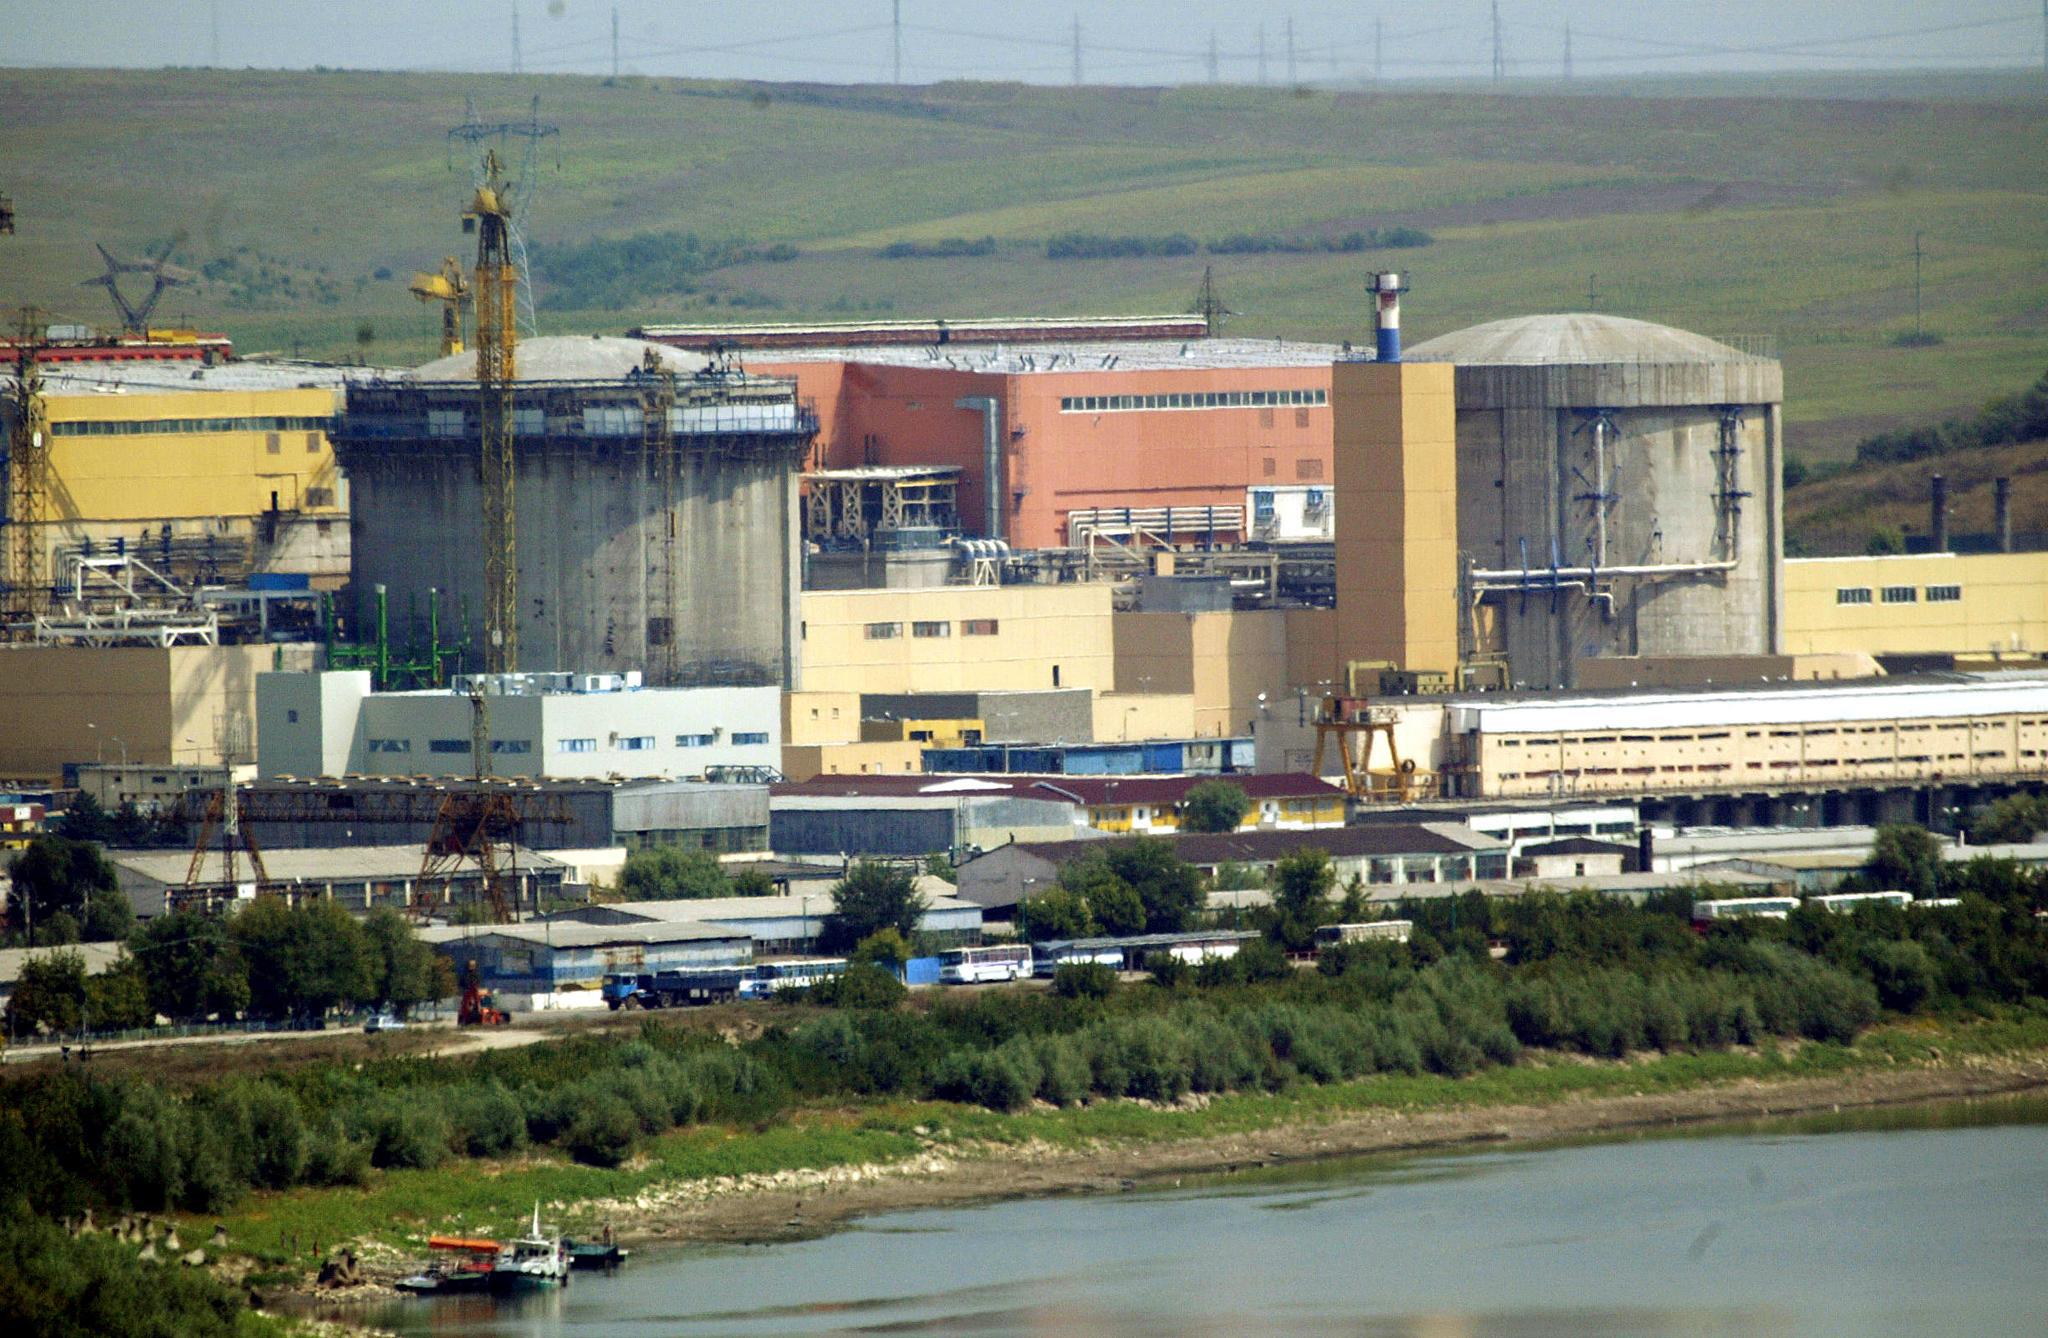 Deputat PNL: Ministrul Energiei să explice acordul cu chinezii pentru construirea reactoarelor 3 şi 4 de la Cernavodă